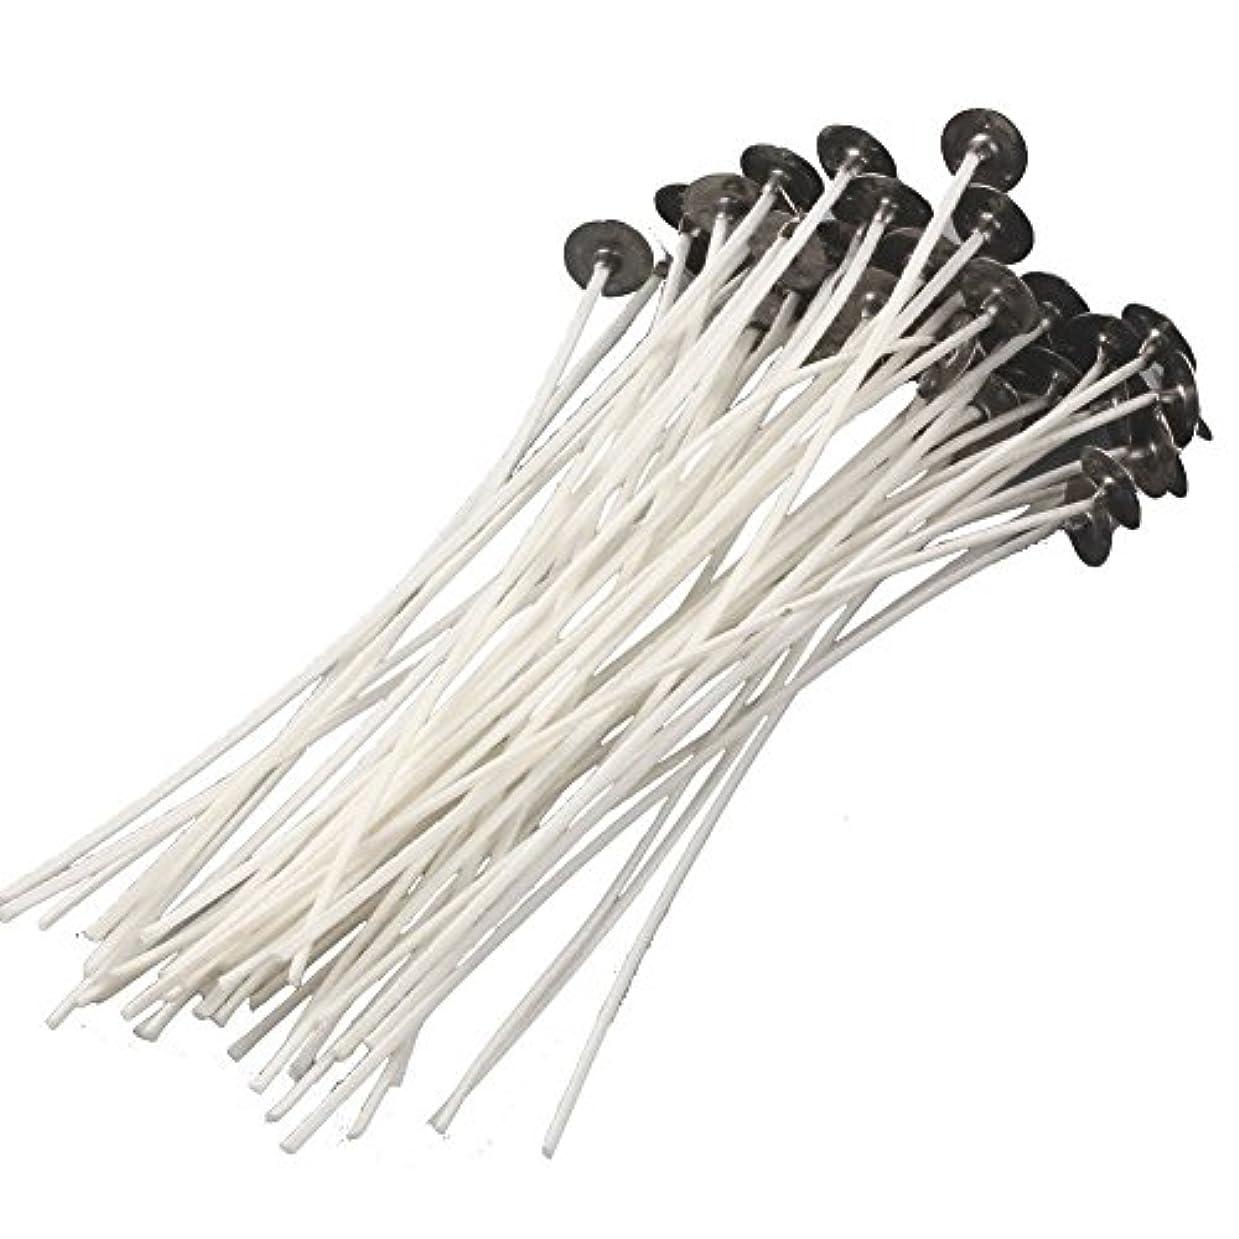 熟達した援助大量ADEA キャンドル用芯 ろうそくの芯 ソイワックス加工 ソイワックス 座金付き 綿100% (15cm, 50本)